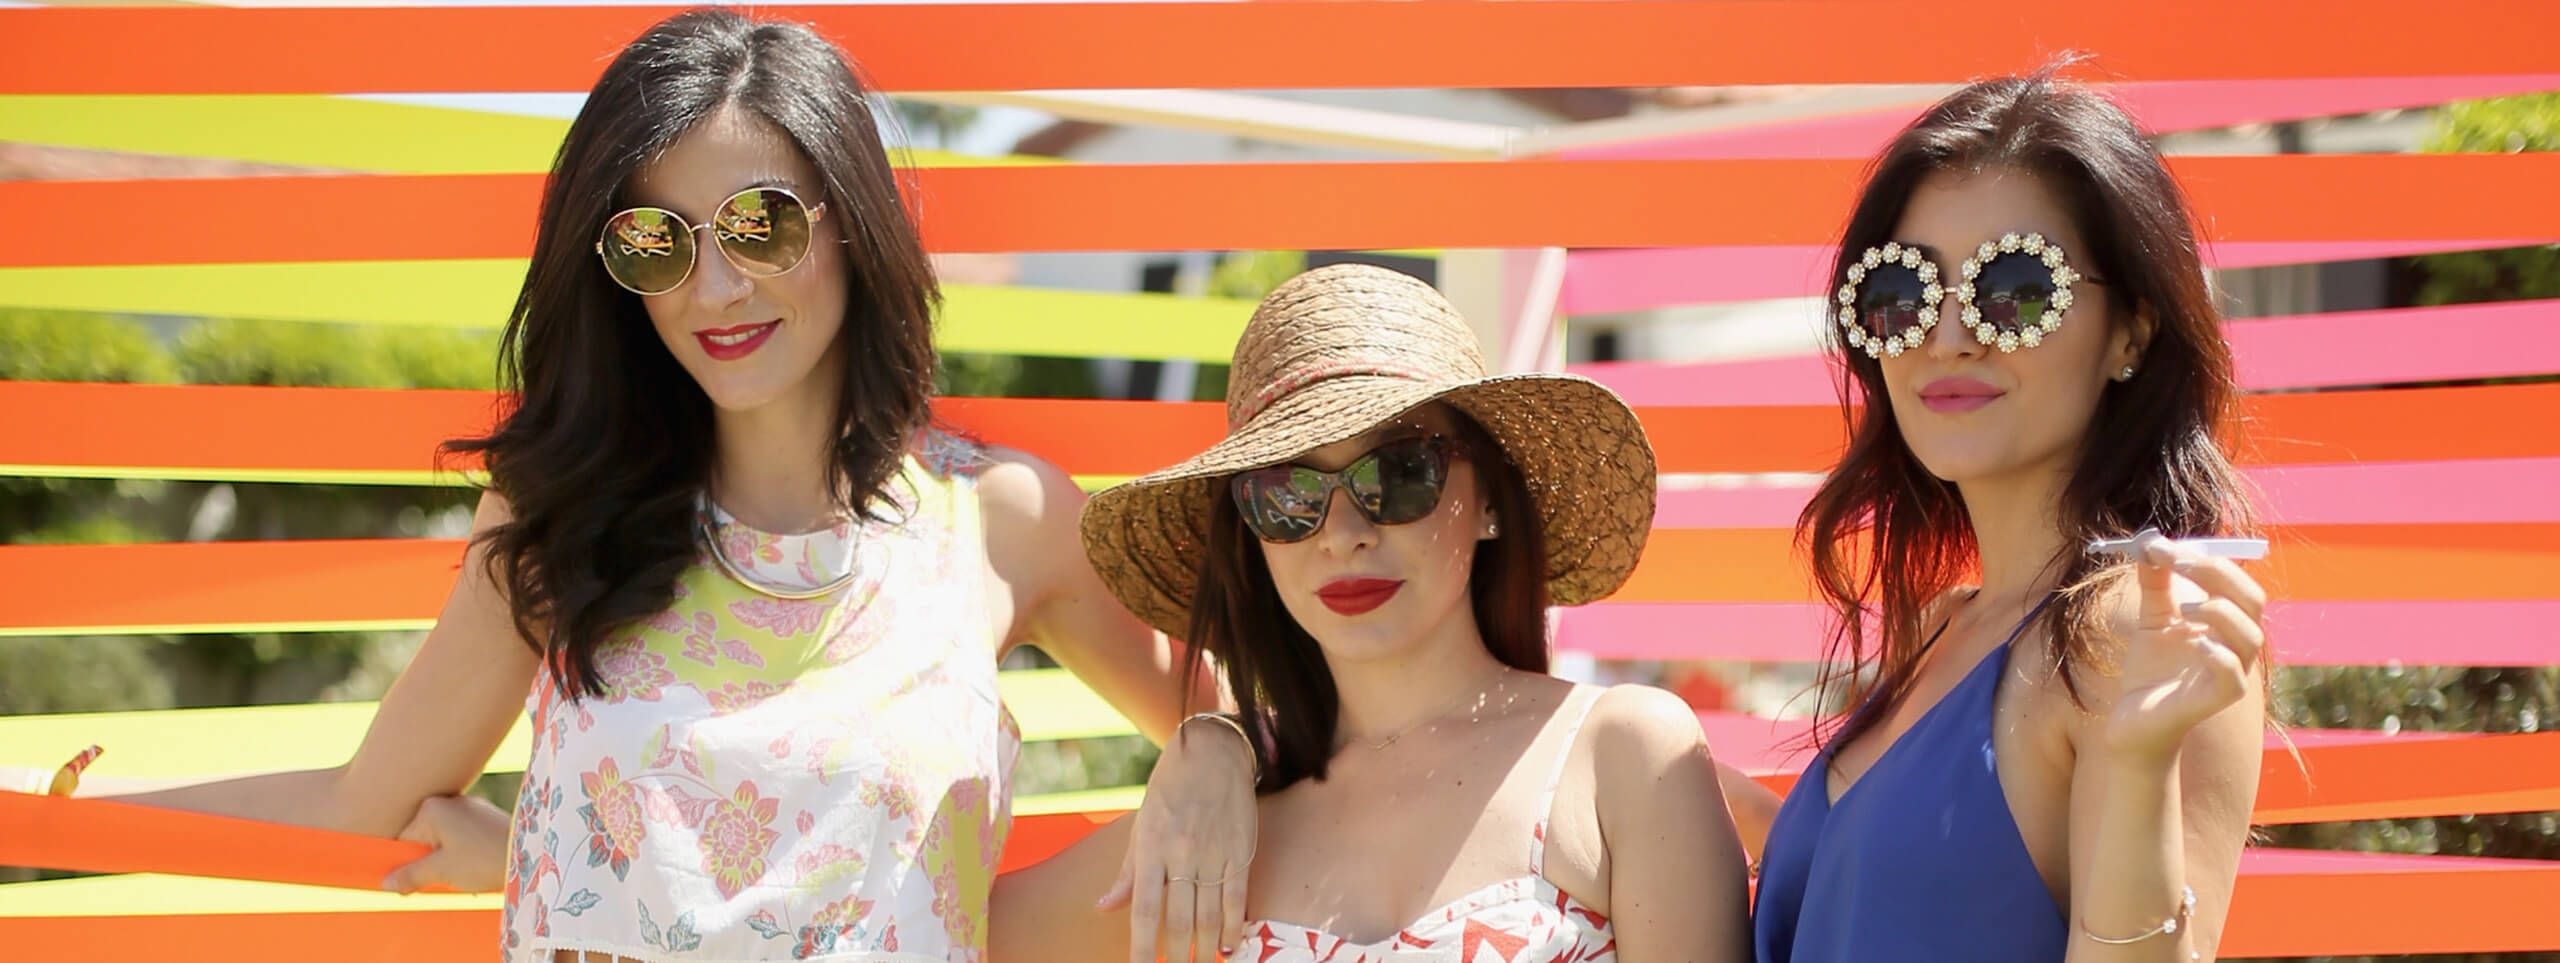 Kobiety na festiwalu w okularach i z długimi włosami